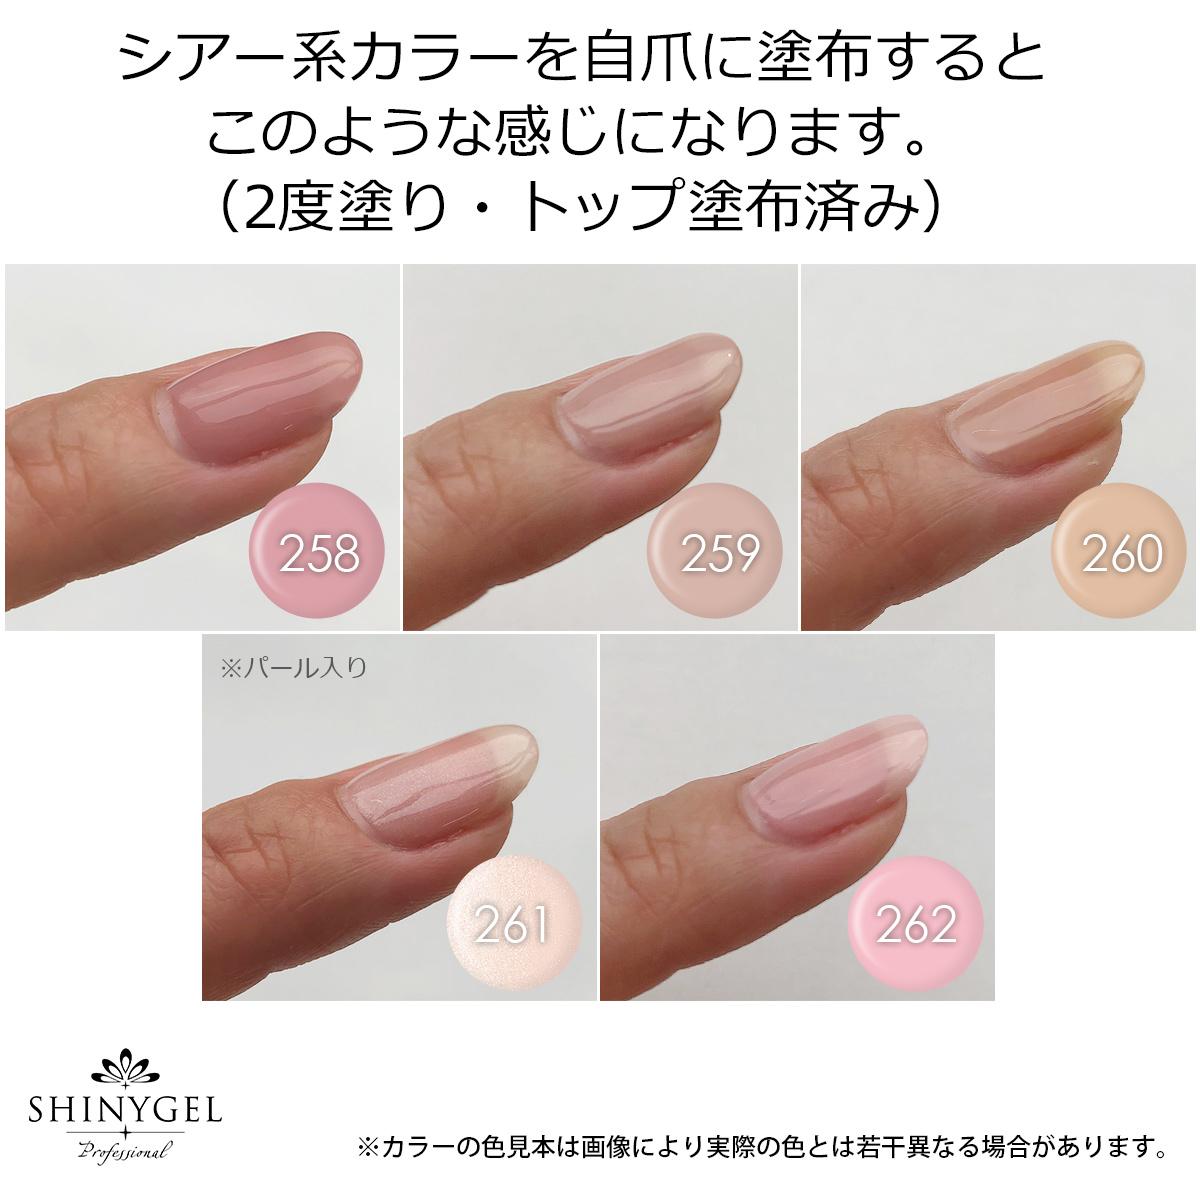 SHINYGEL Professional:カラージェル 258/タナグラ 4g (シャイニージェルプロフェッショナル)[UV/LED対応○](JNA検定対応) $